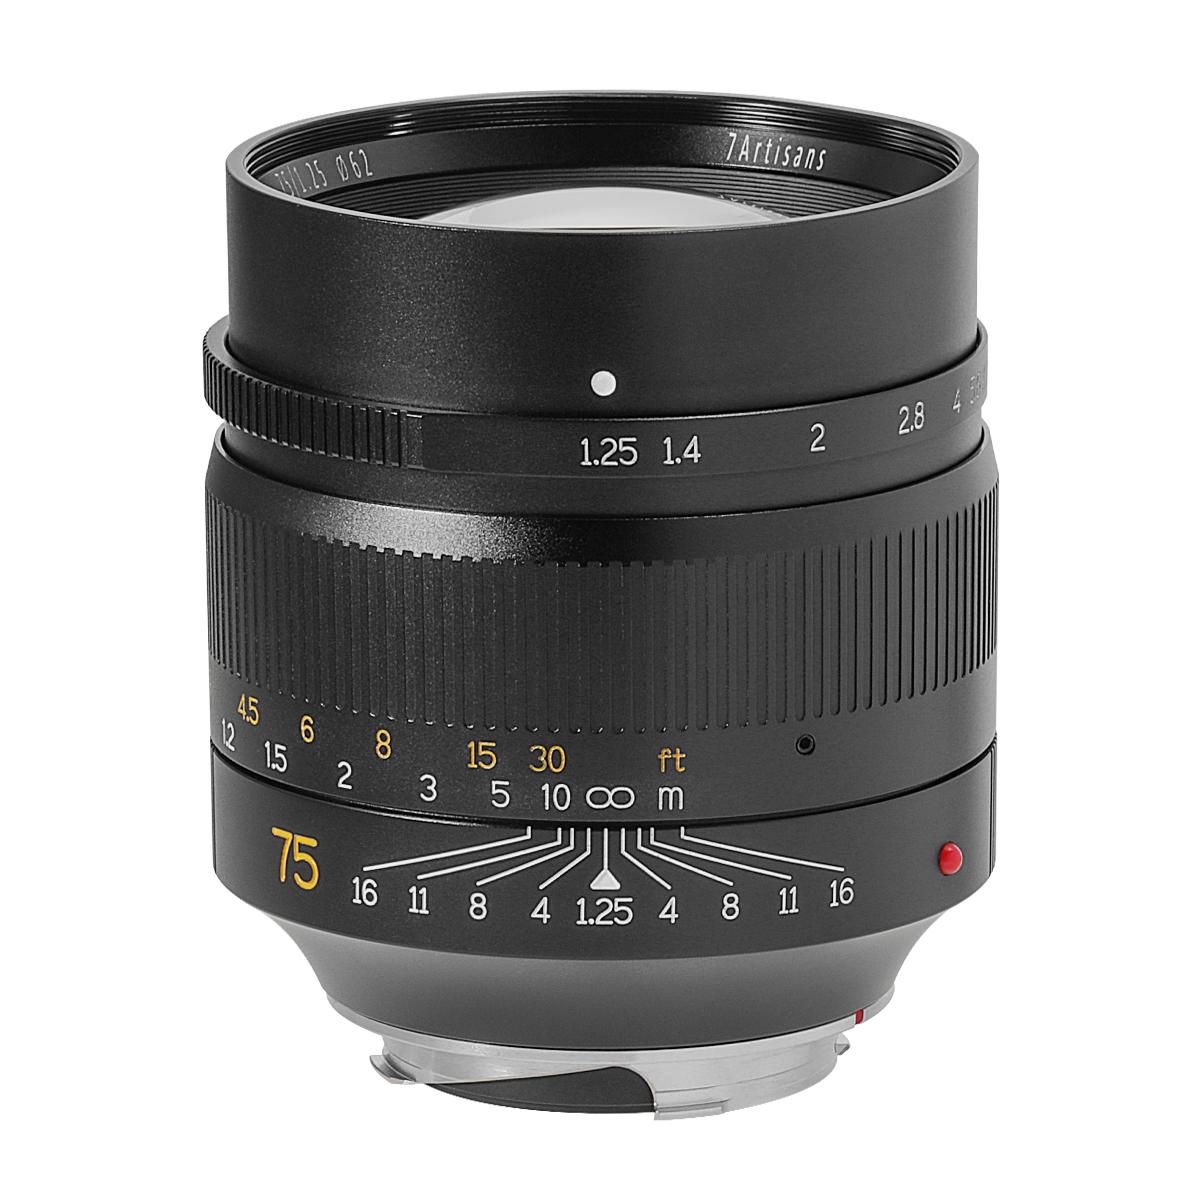 七工匠 7Artisans 75mm F1.25 単焦点レンズ ライカMマウント